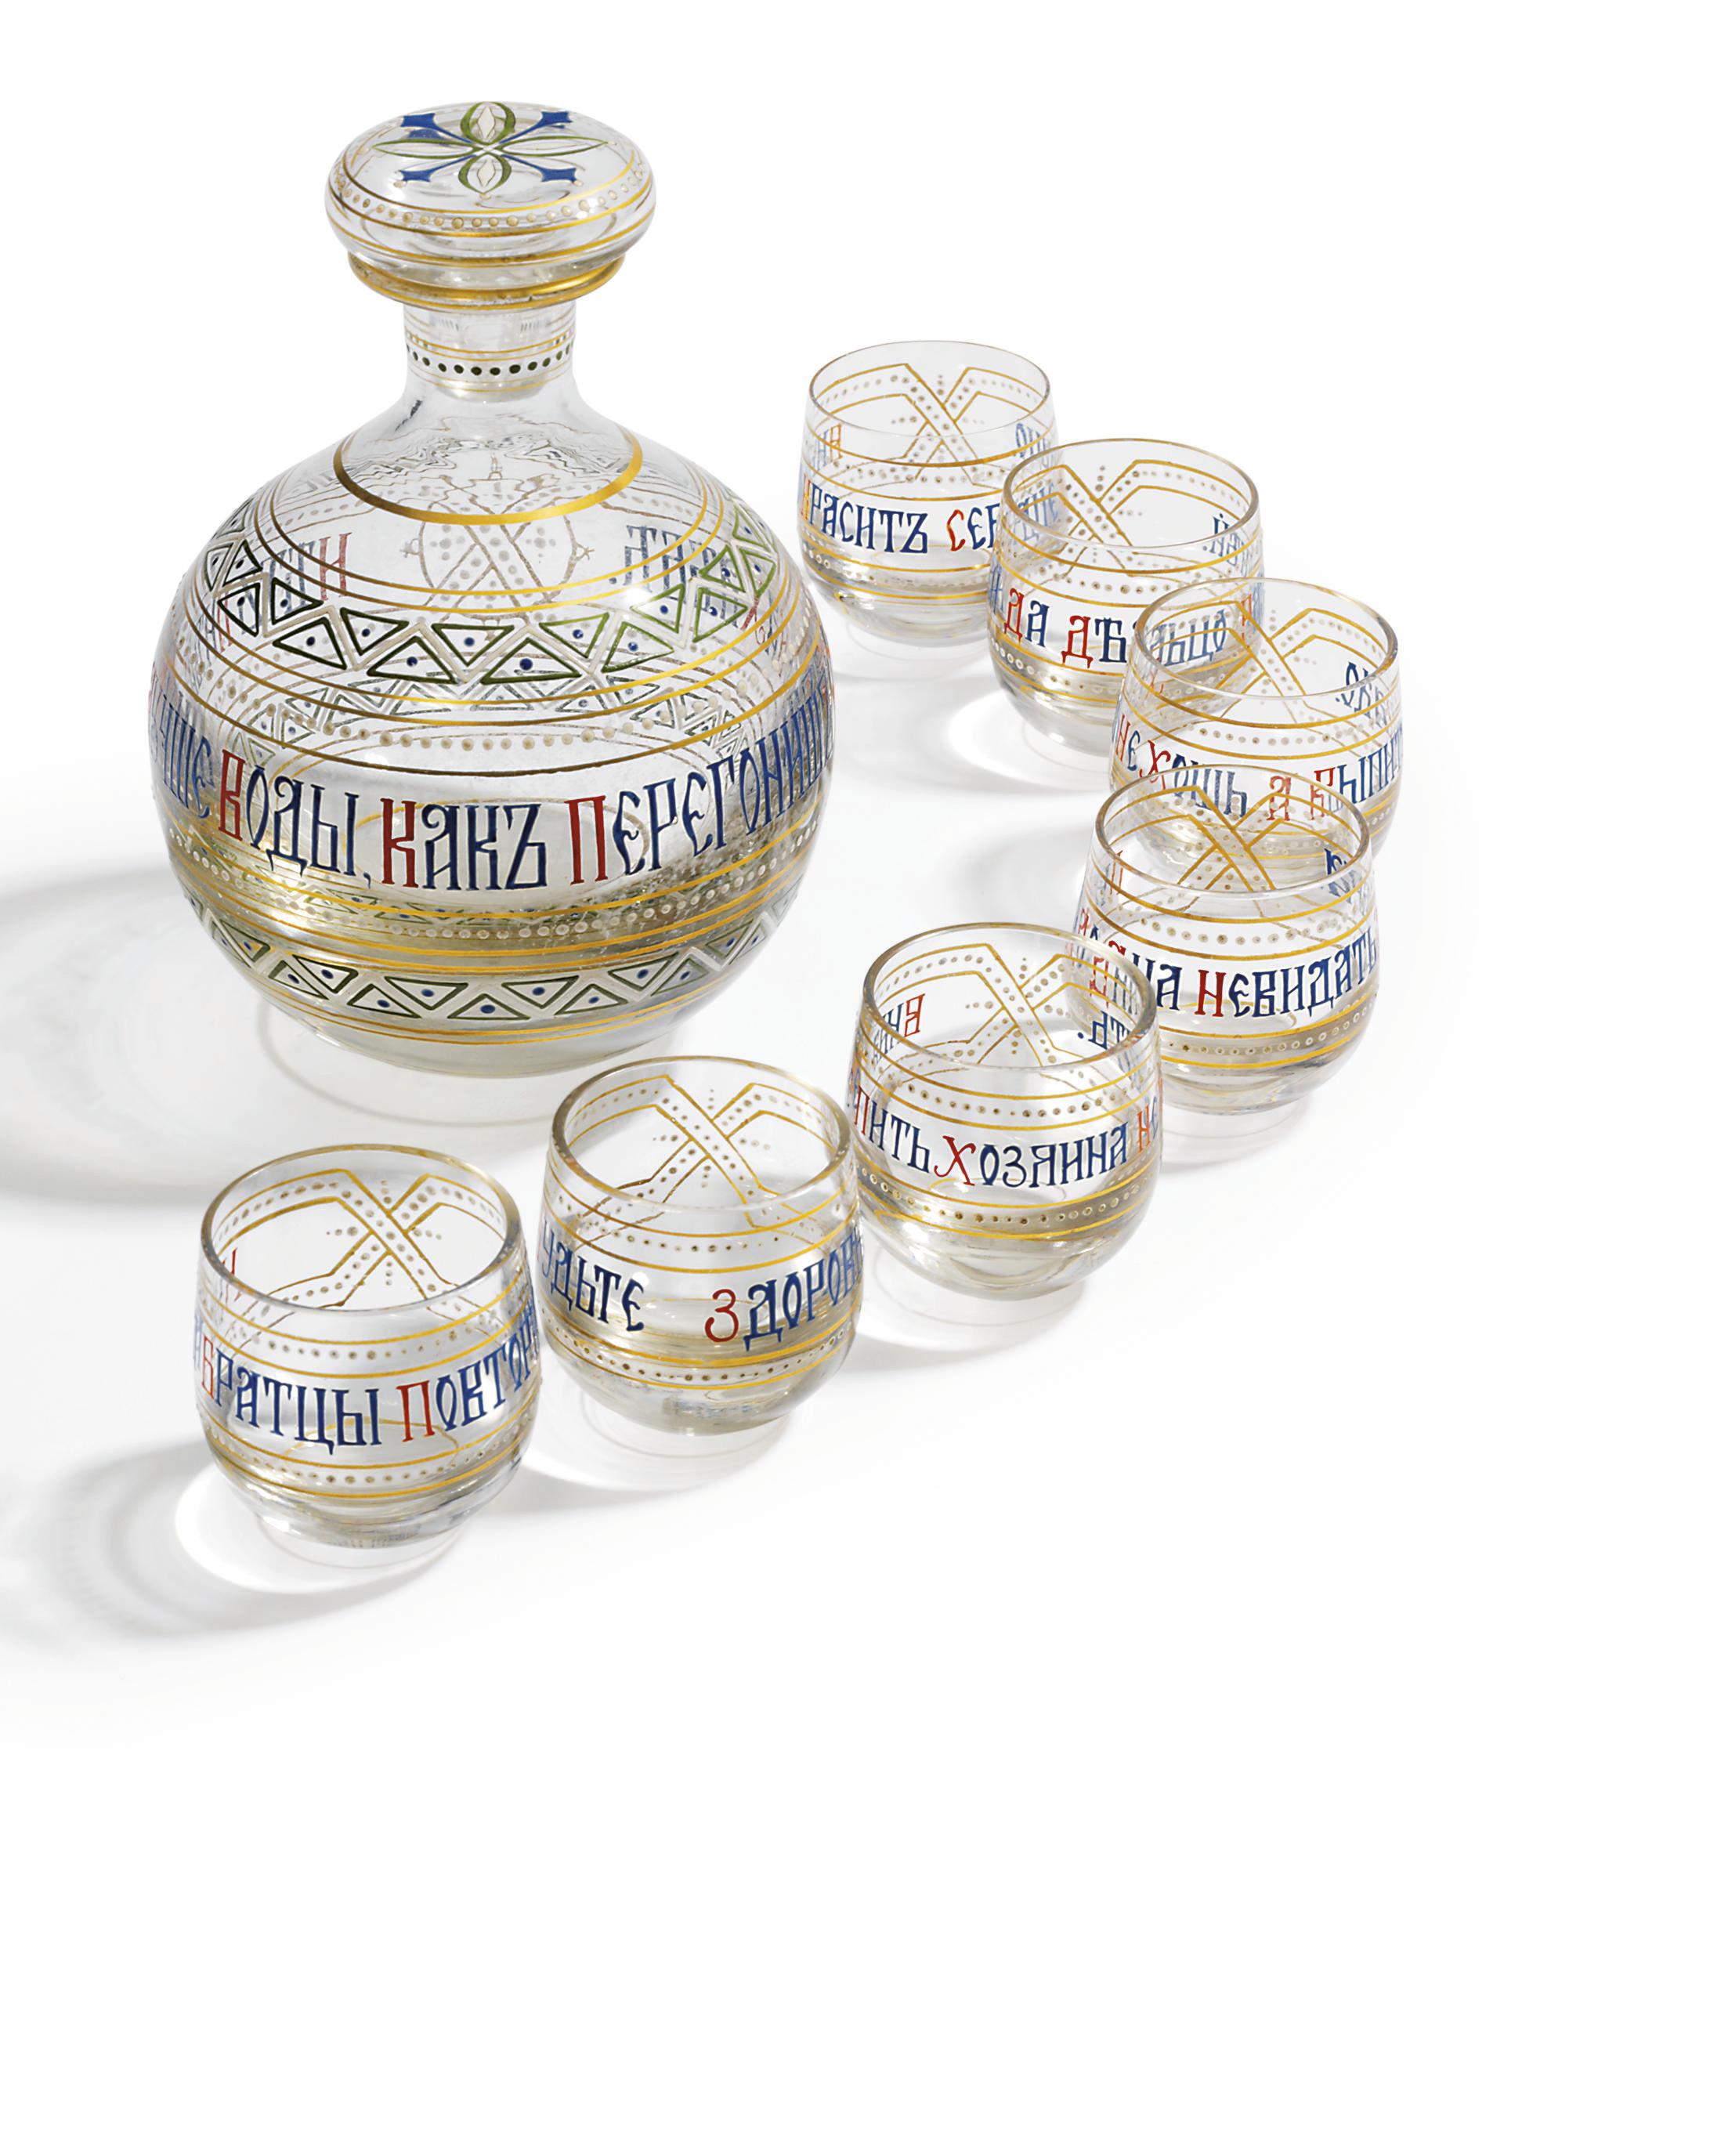 A glass vodka set